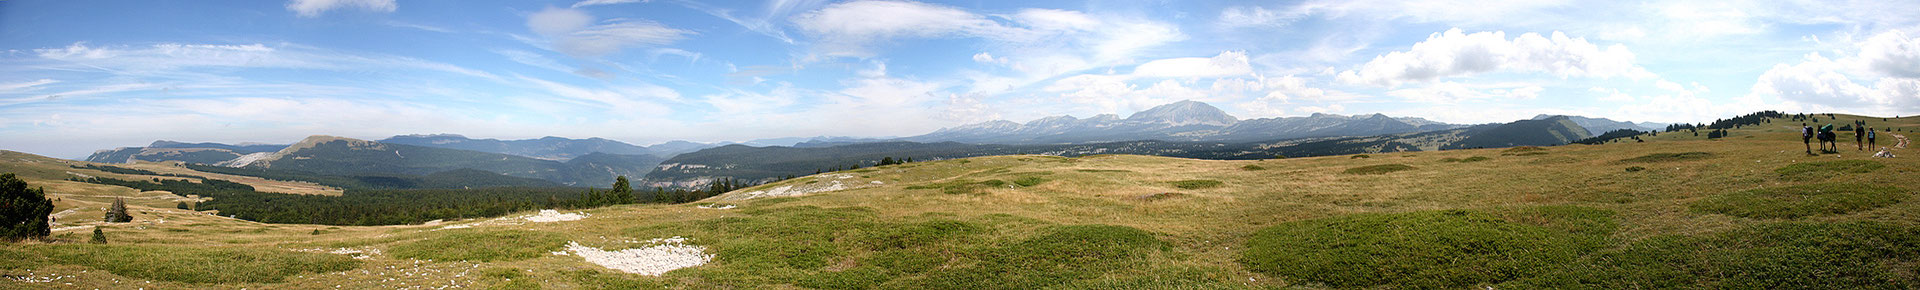 Traversée des Hauts Plateaux du Vercors - Photo panoramique - Août 2007